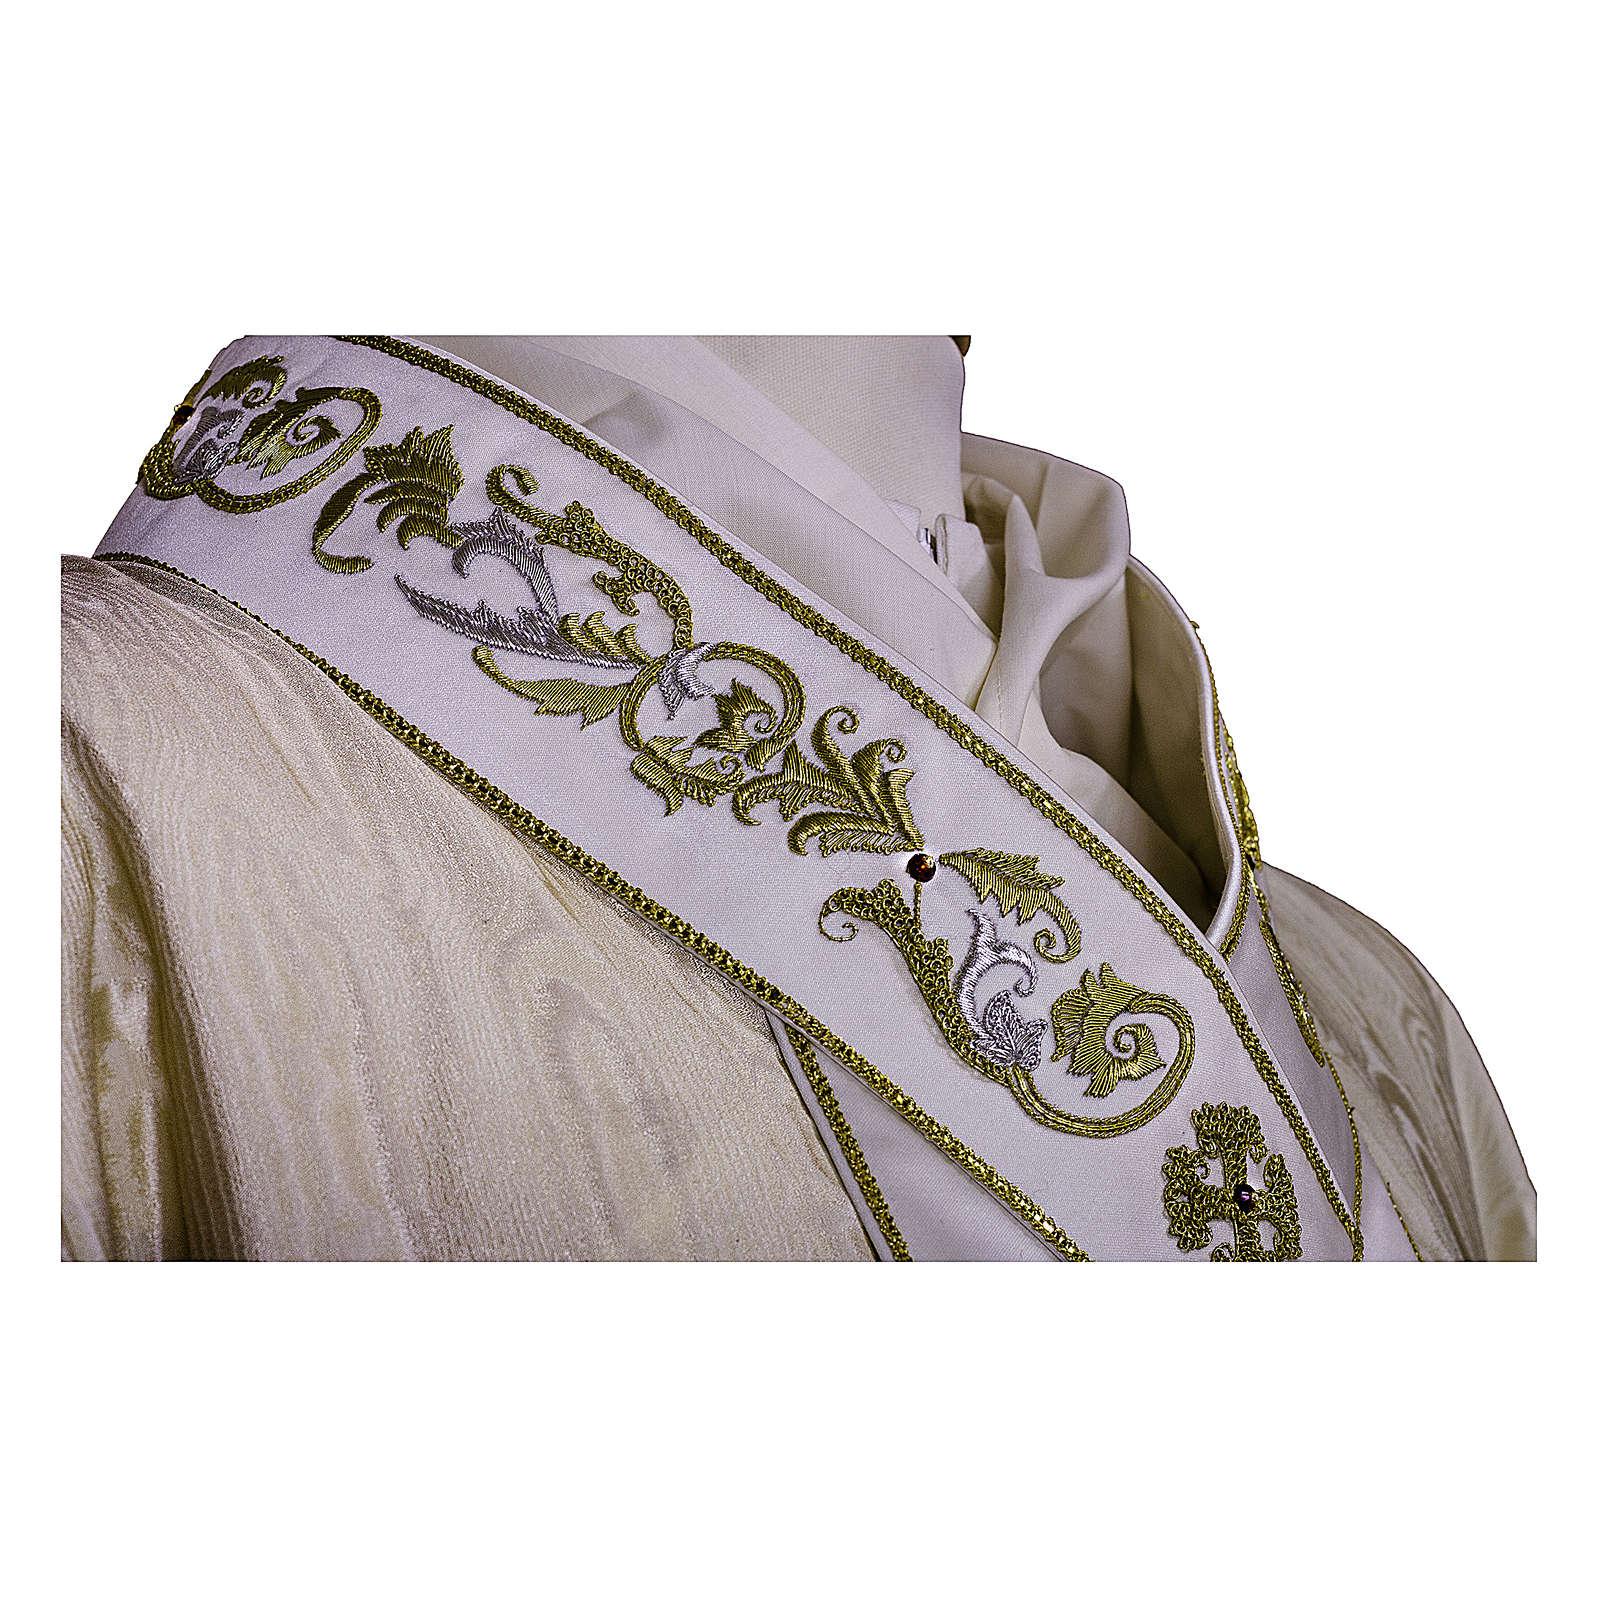 Casula tessuto preziosissimo lana seta, stolone e collo RICAMATI A MANO 4